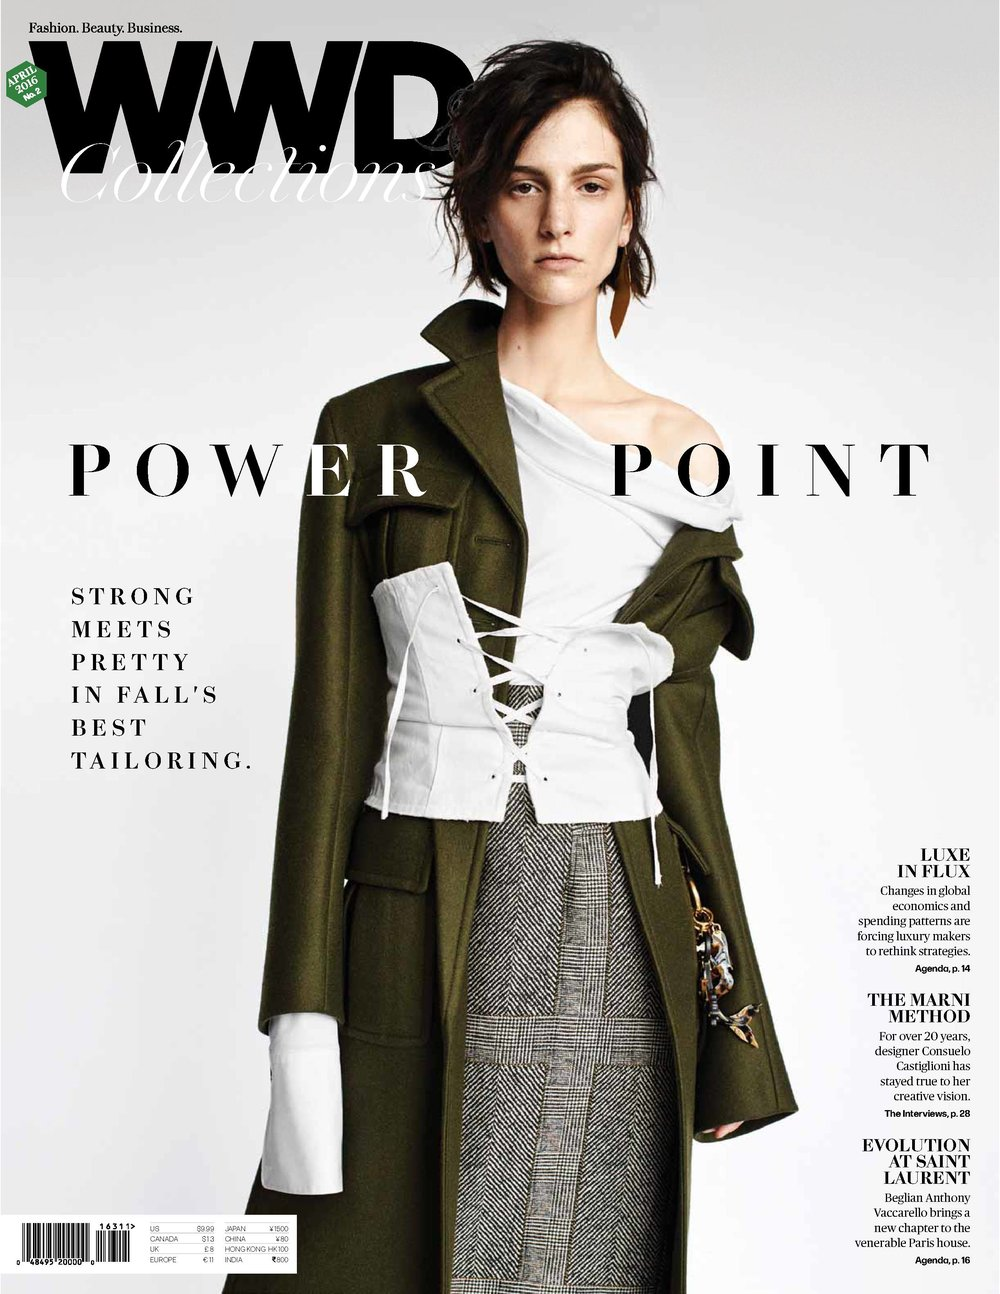 WWD Cover